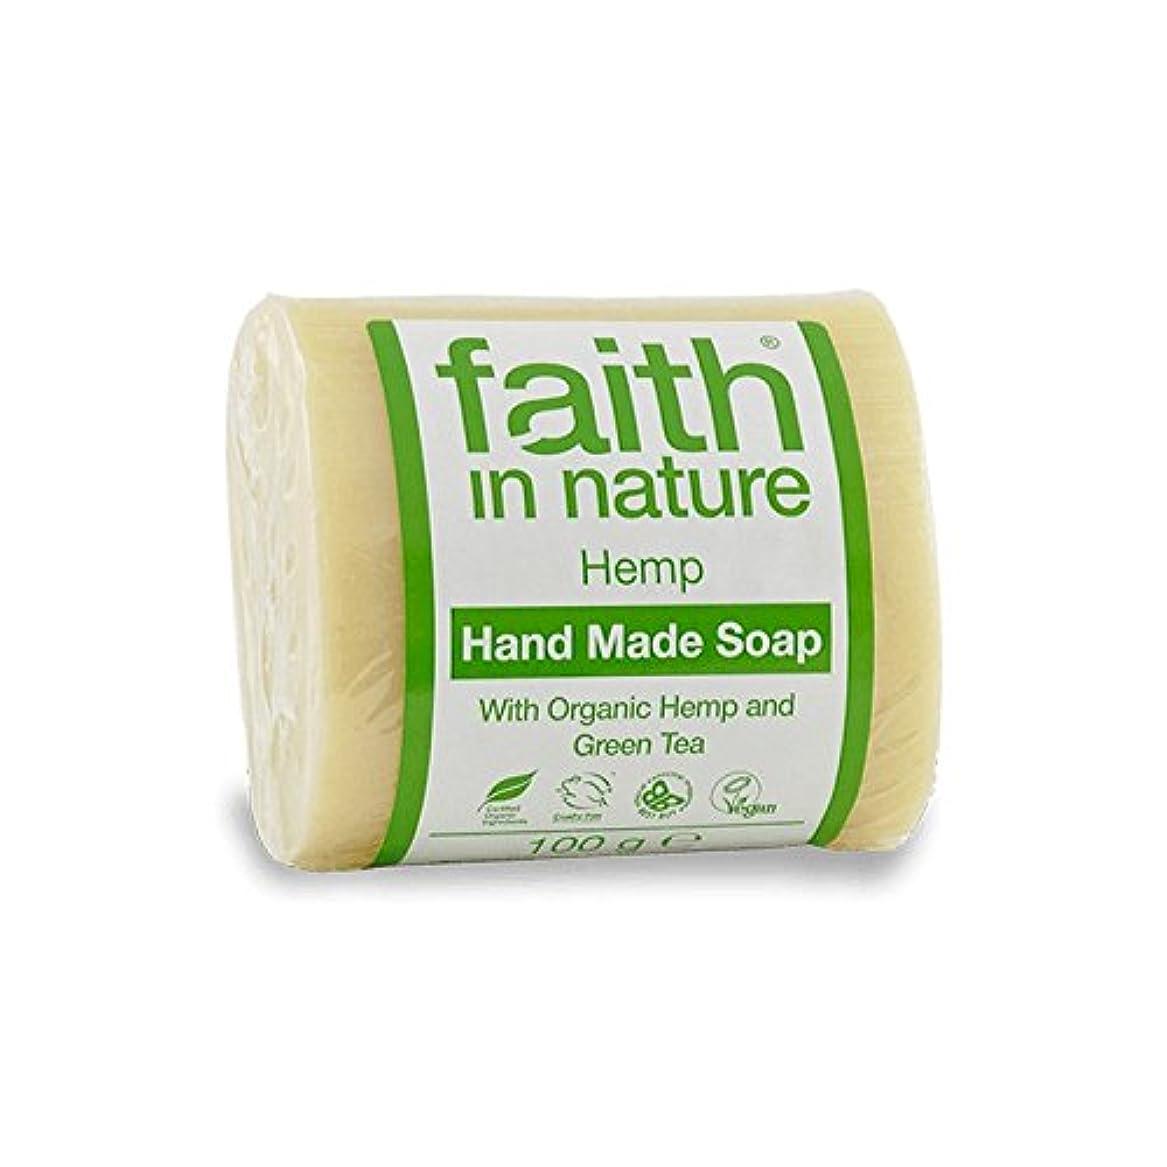 開梱曲がった病気のFaith in Nature Hemp with Green Tea Soap 100g (Pack of 2) - 緑茶石鹸100グラムと自然の麻の信仰 (x2) [並行輸入品]